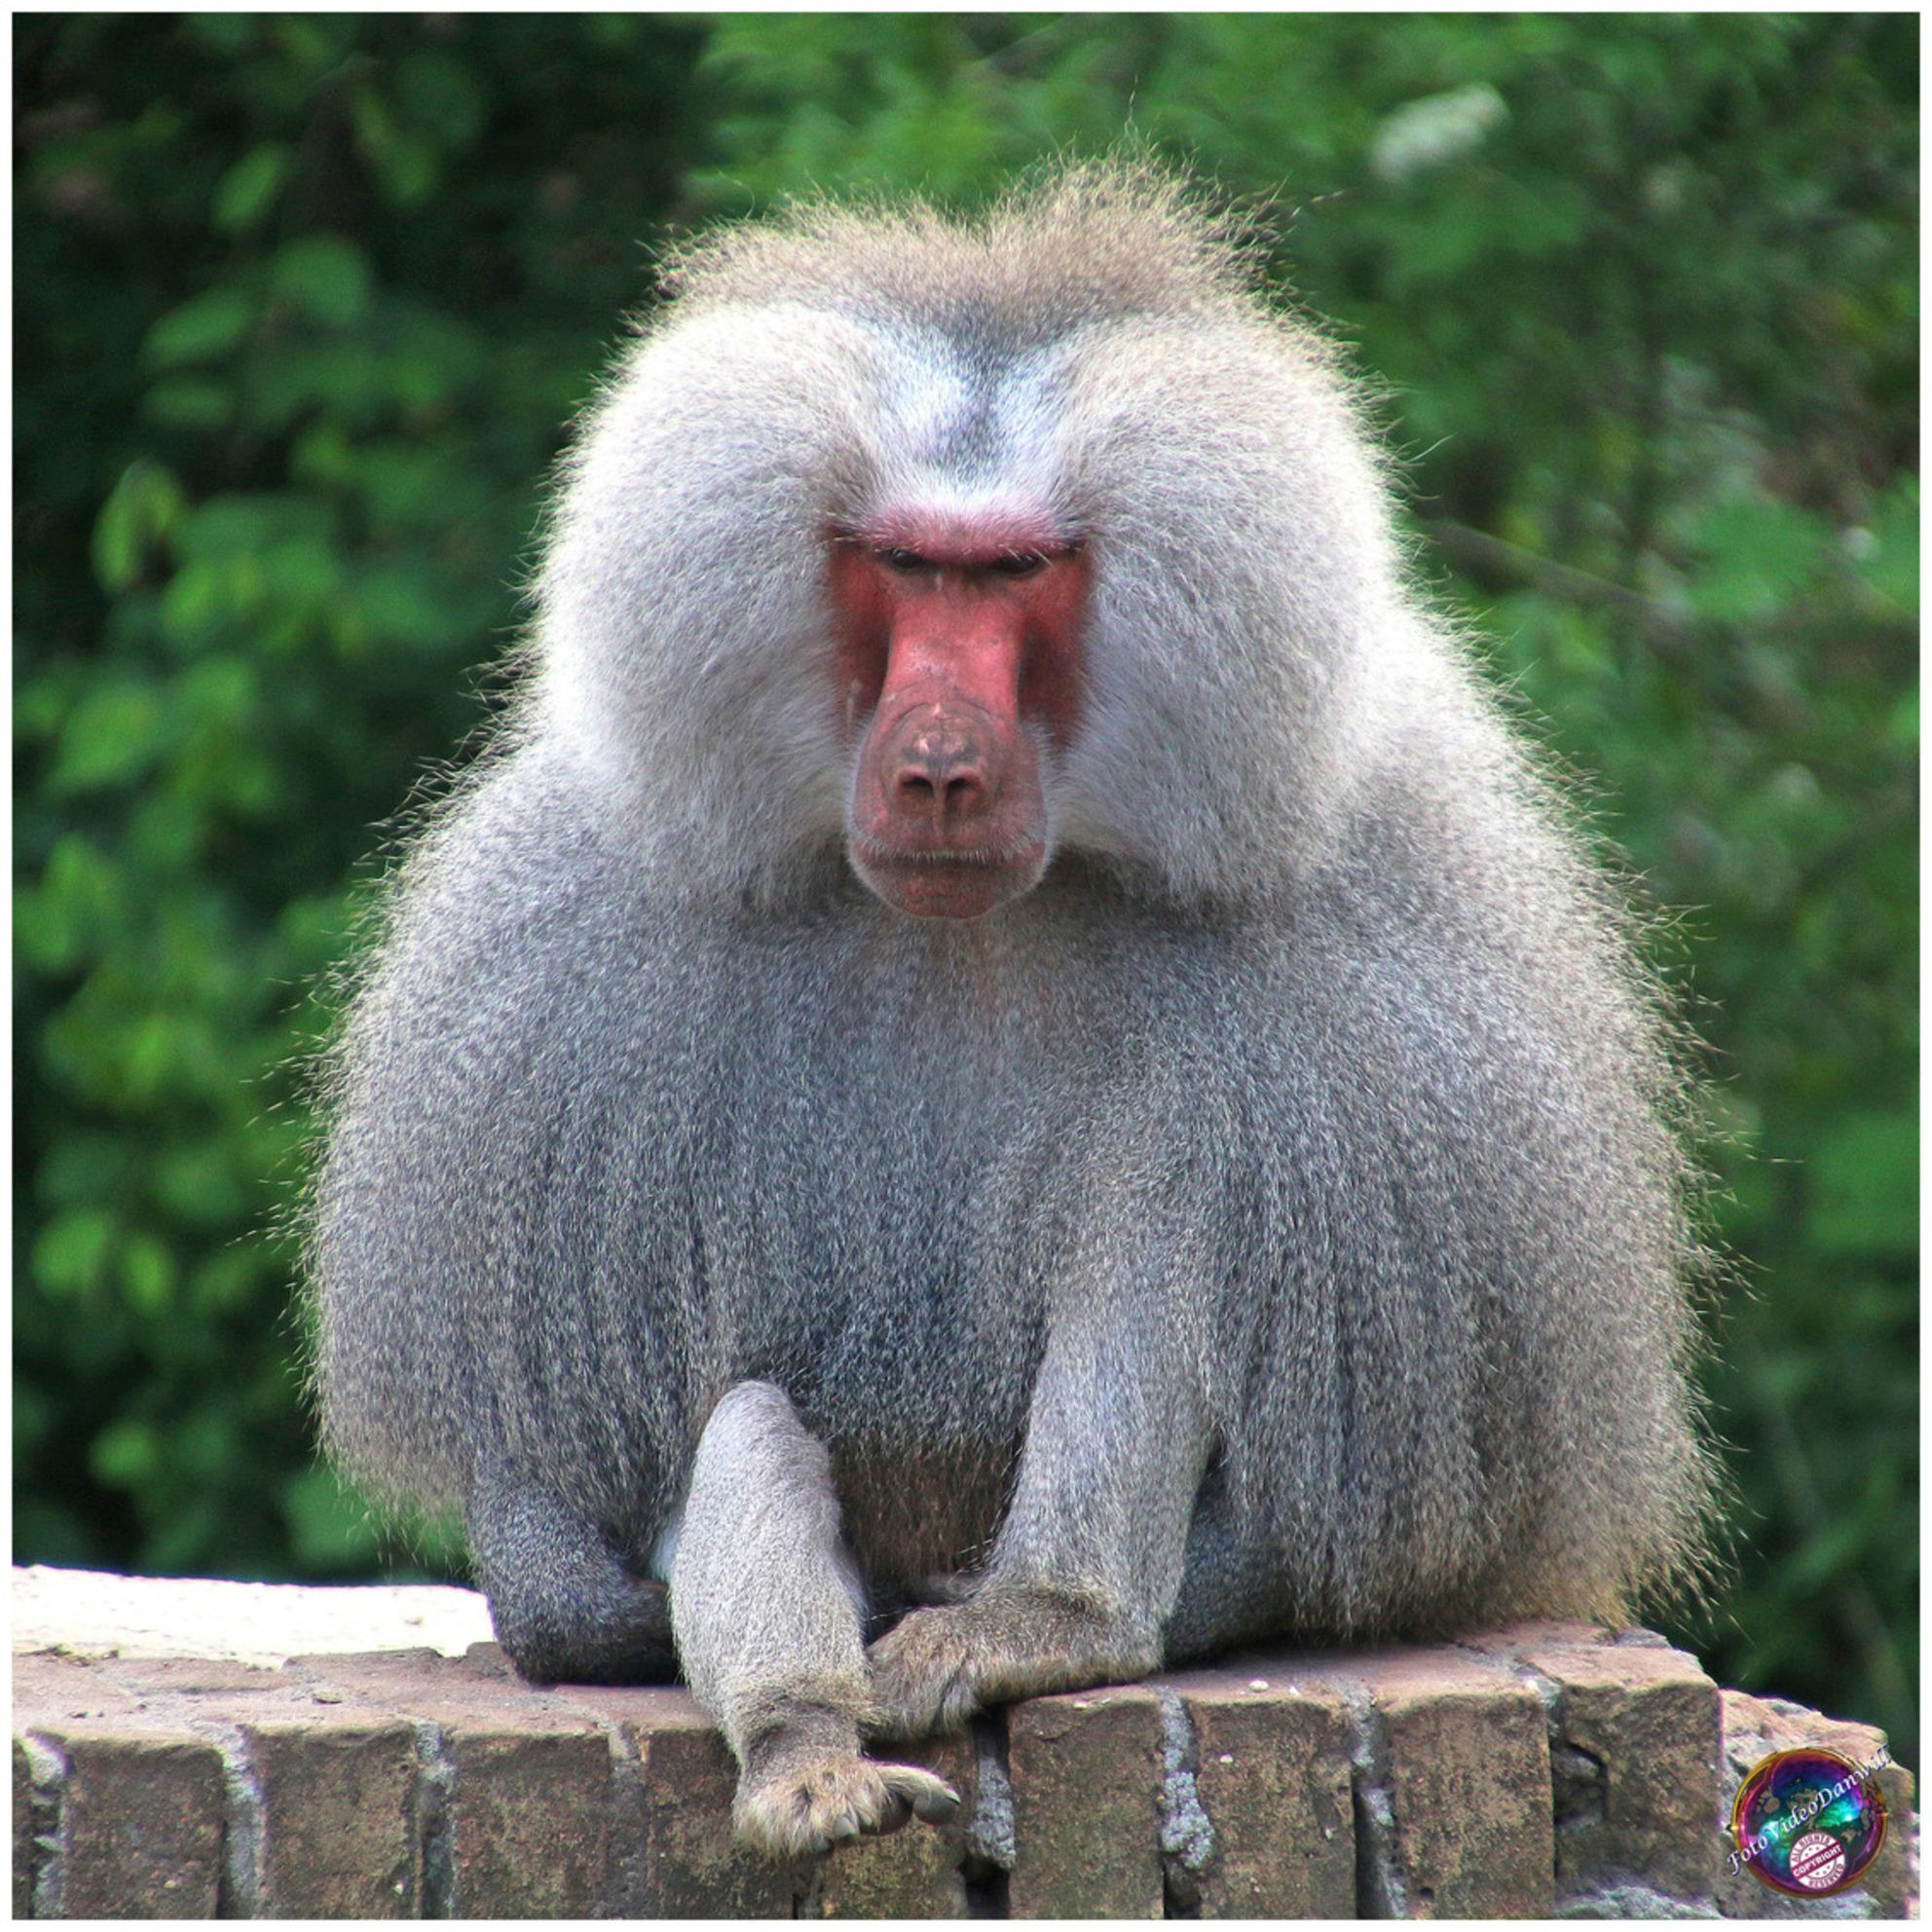 Oké, wie van jullie heeft mijn banaan ... - - - foto door willemdanker op 06-12-2018 - deze foto bevat: dierentuin, apen, baviaan, banaan, amersfoort, mantelbaviaan